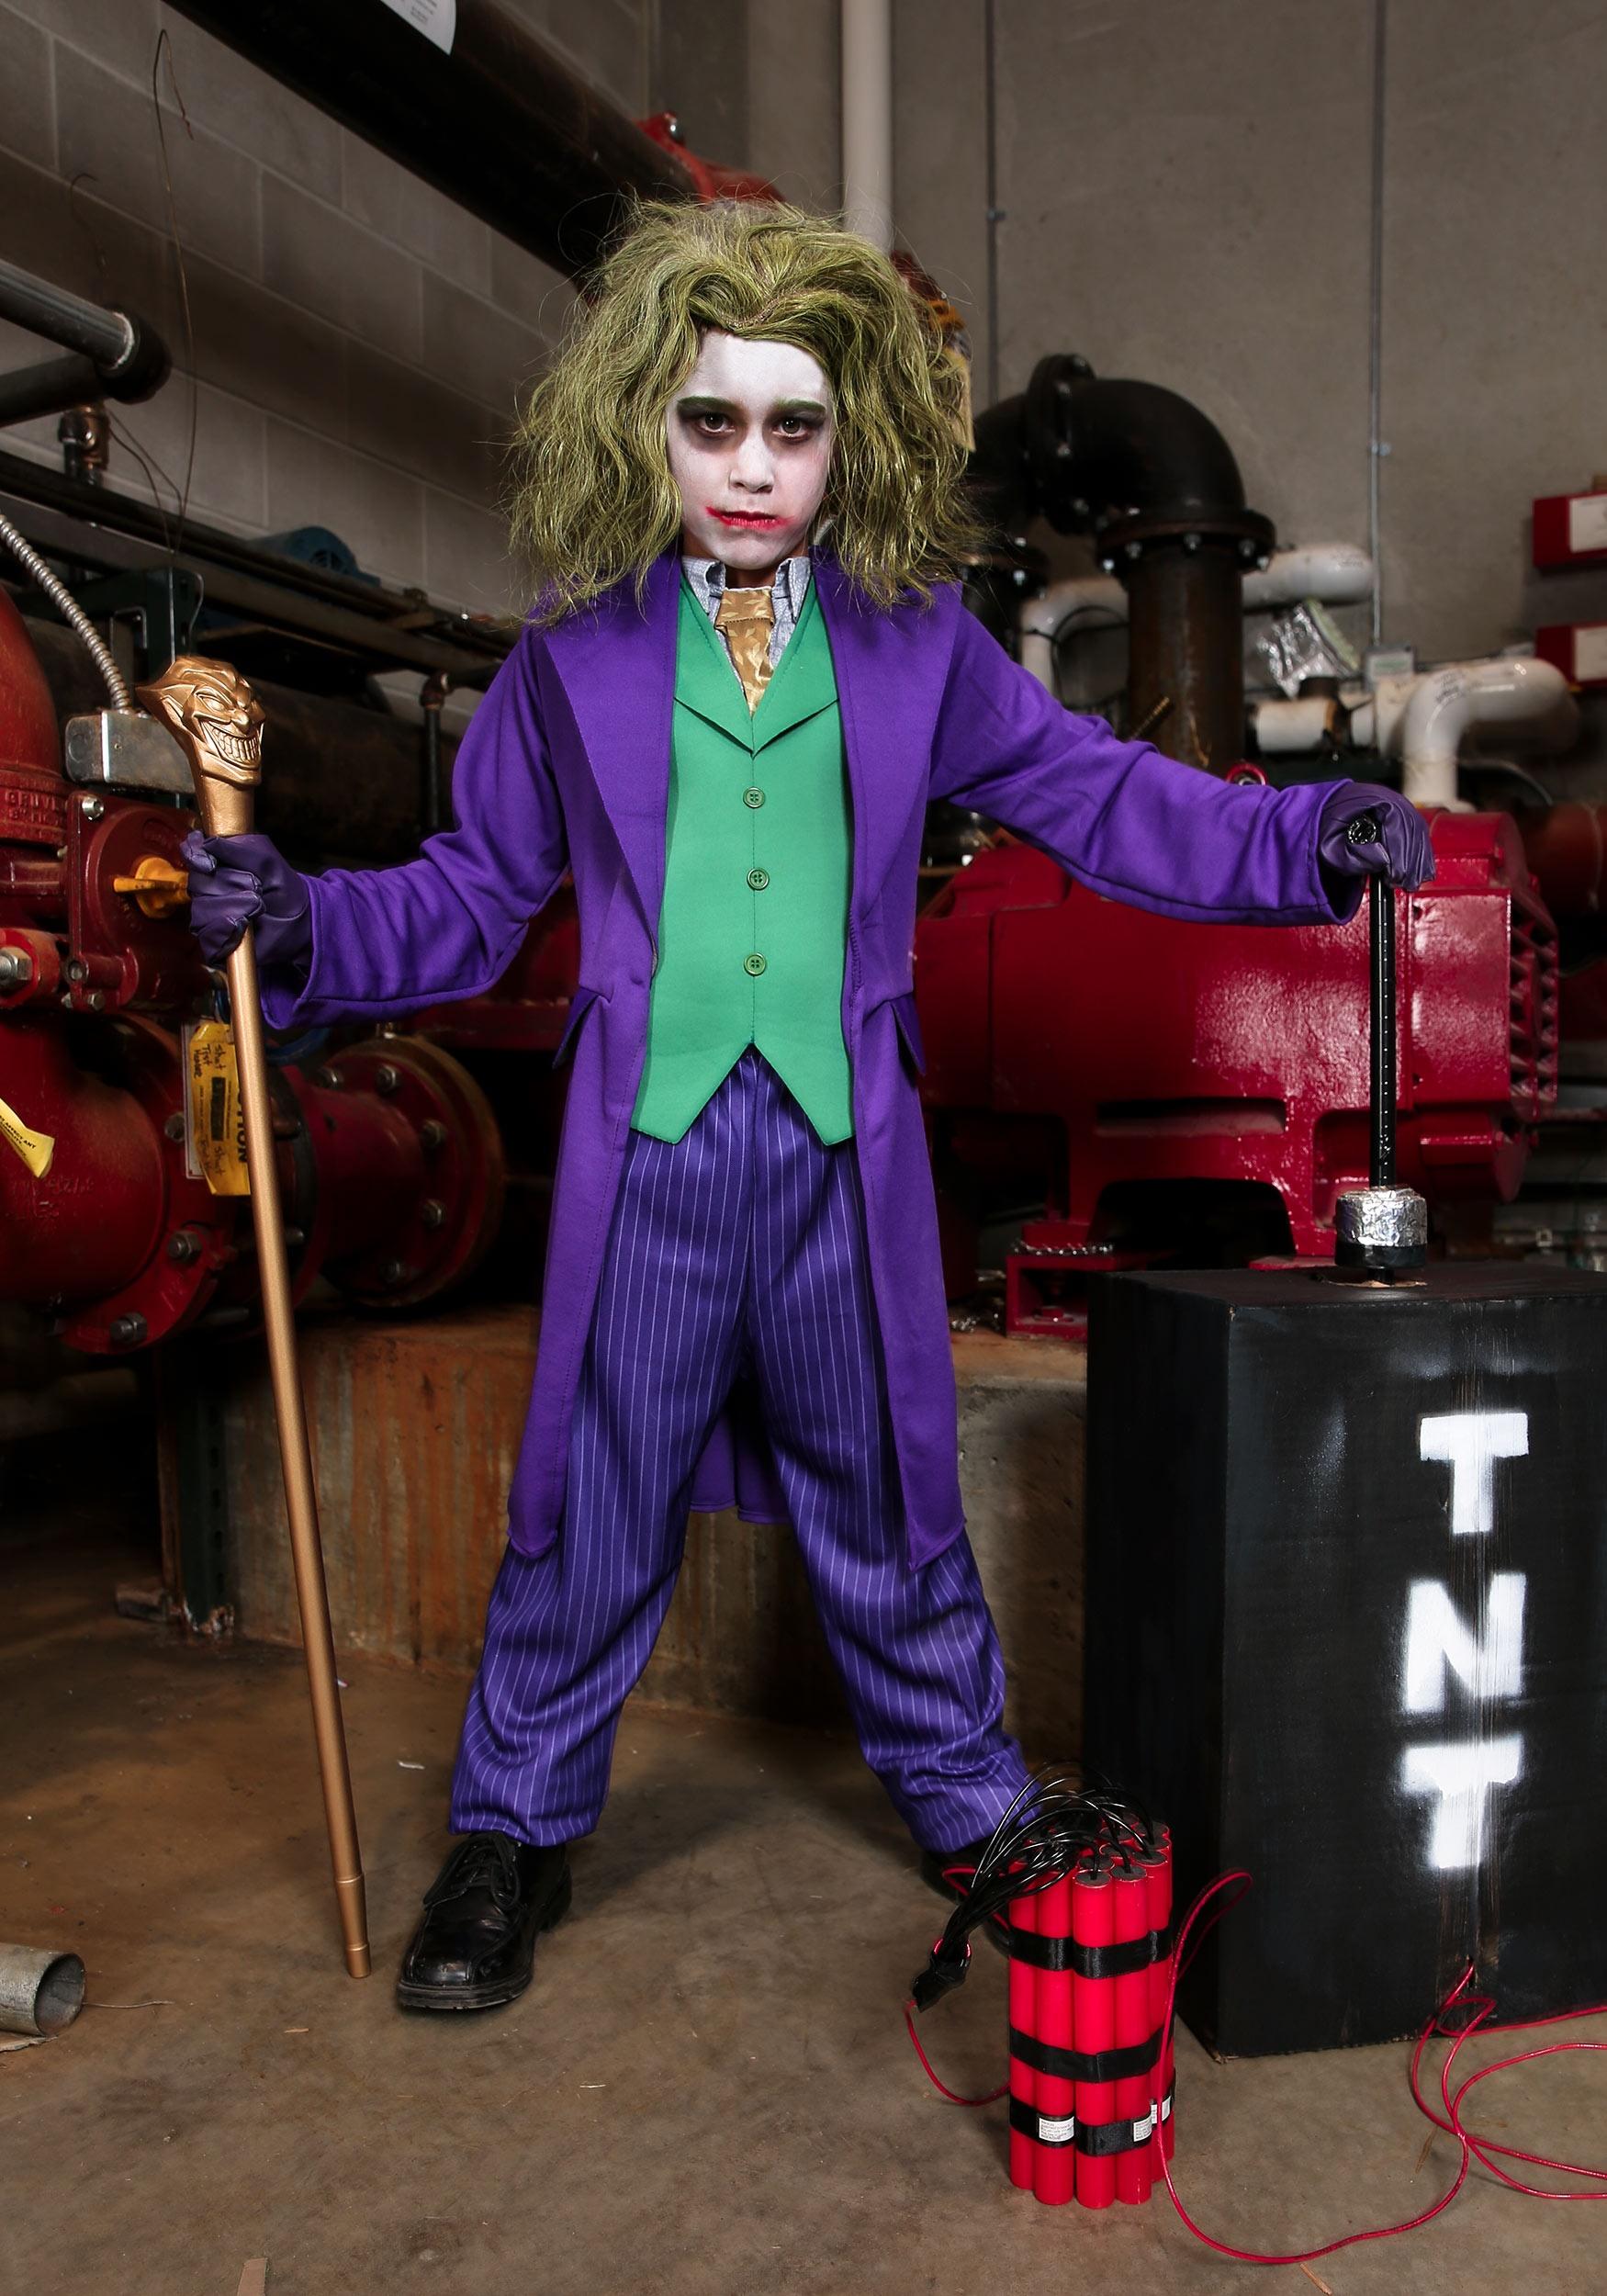 Deluxe Joker Costume For Boys